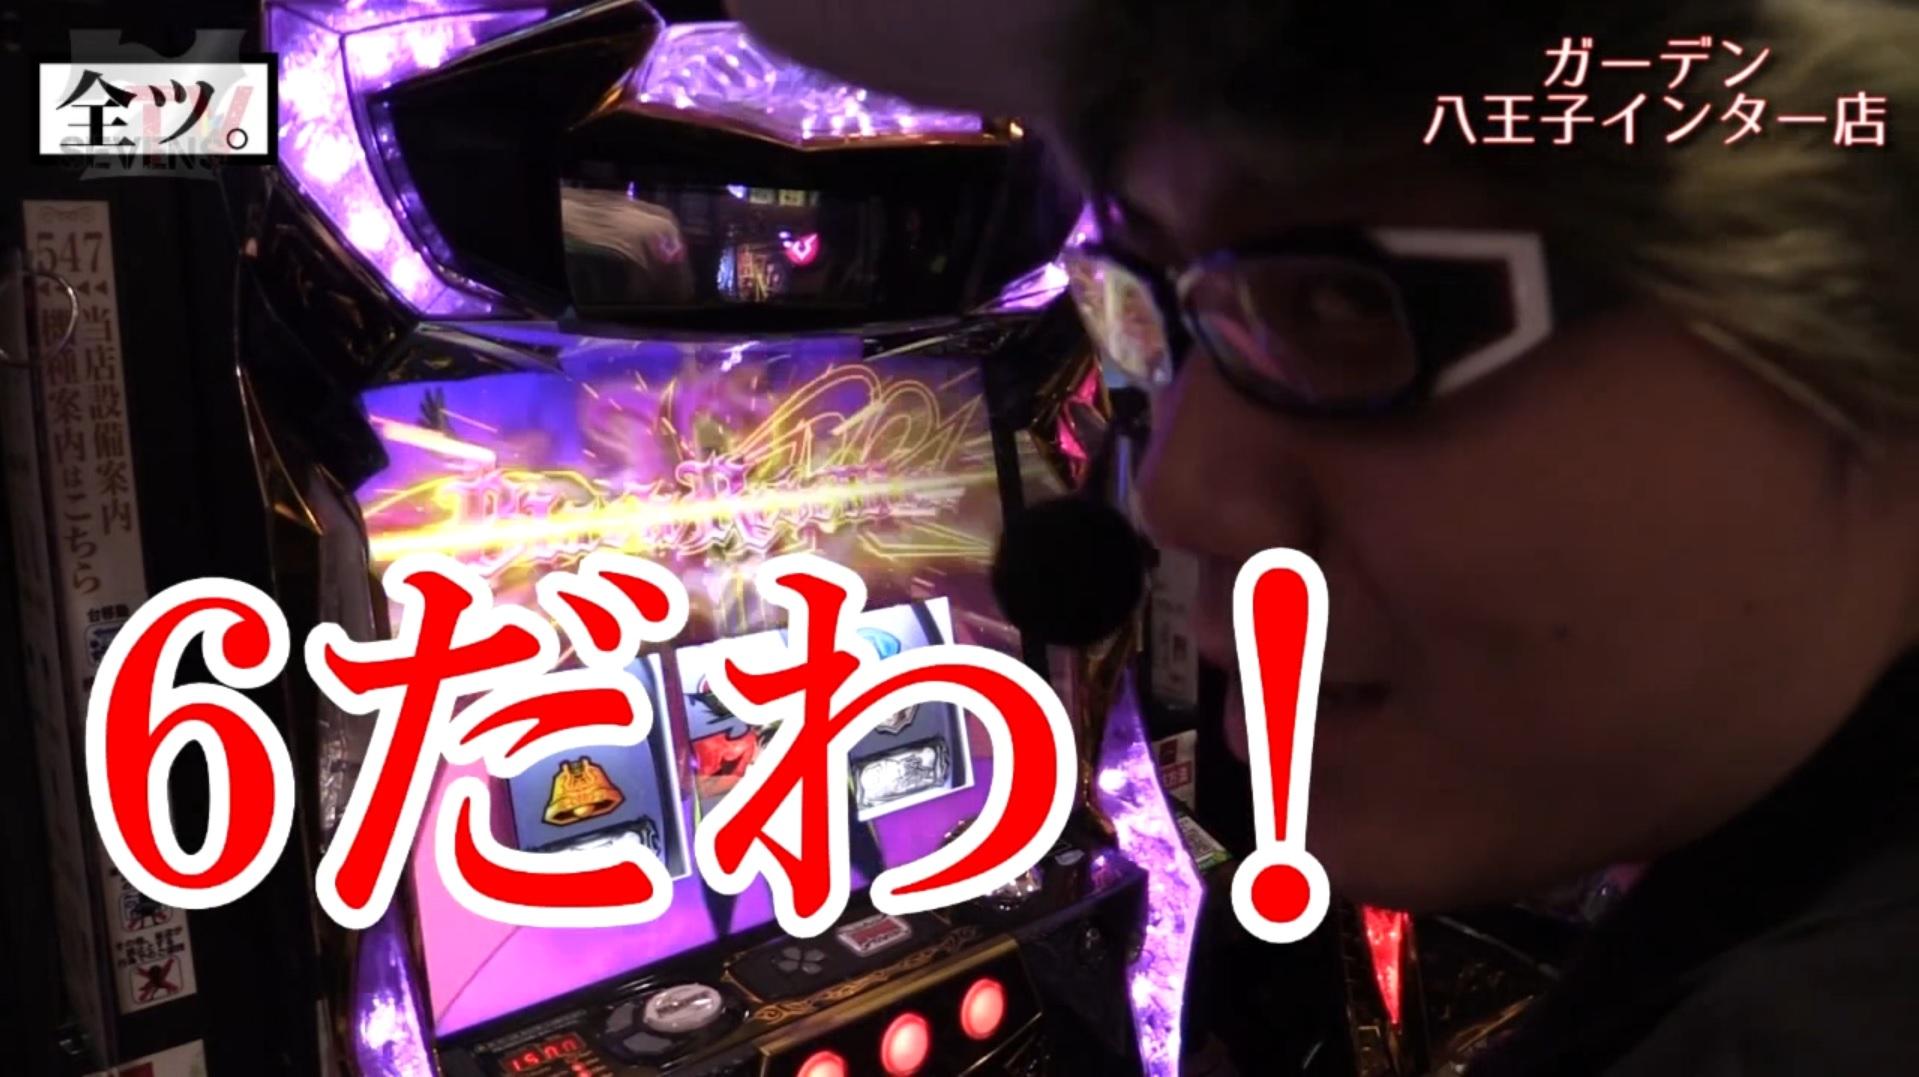 【#62】司芭扶がコードギアス2を全ツした結果【SEVEN'S TV】